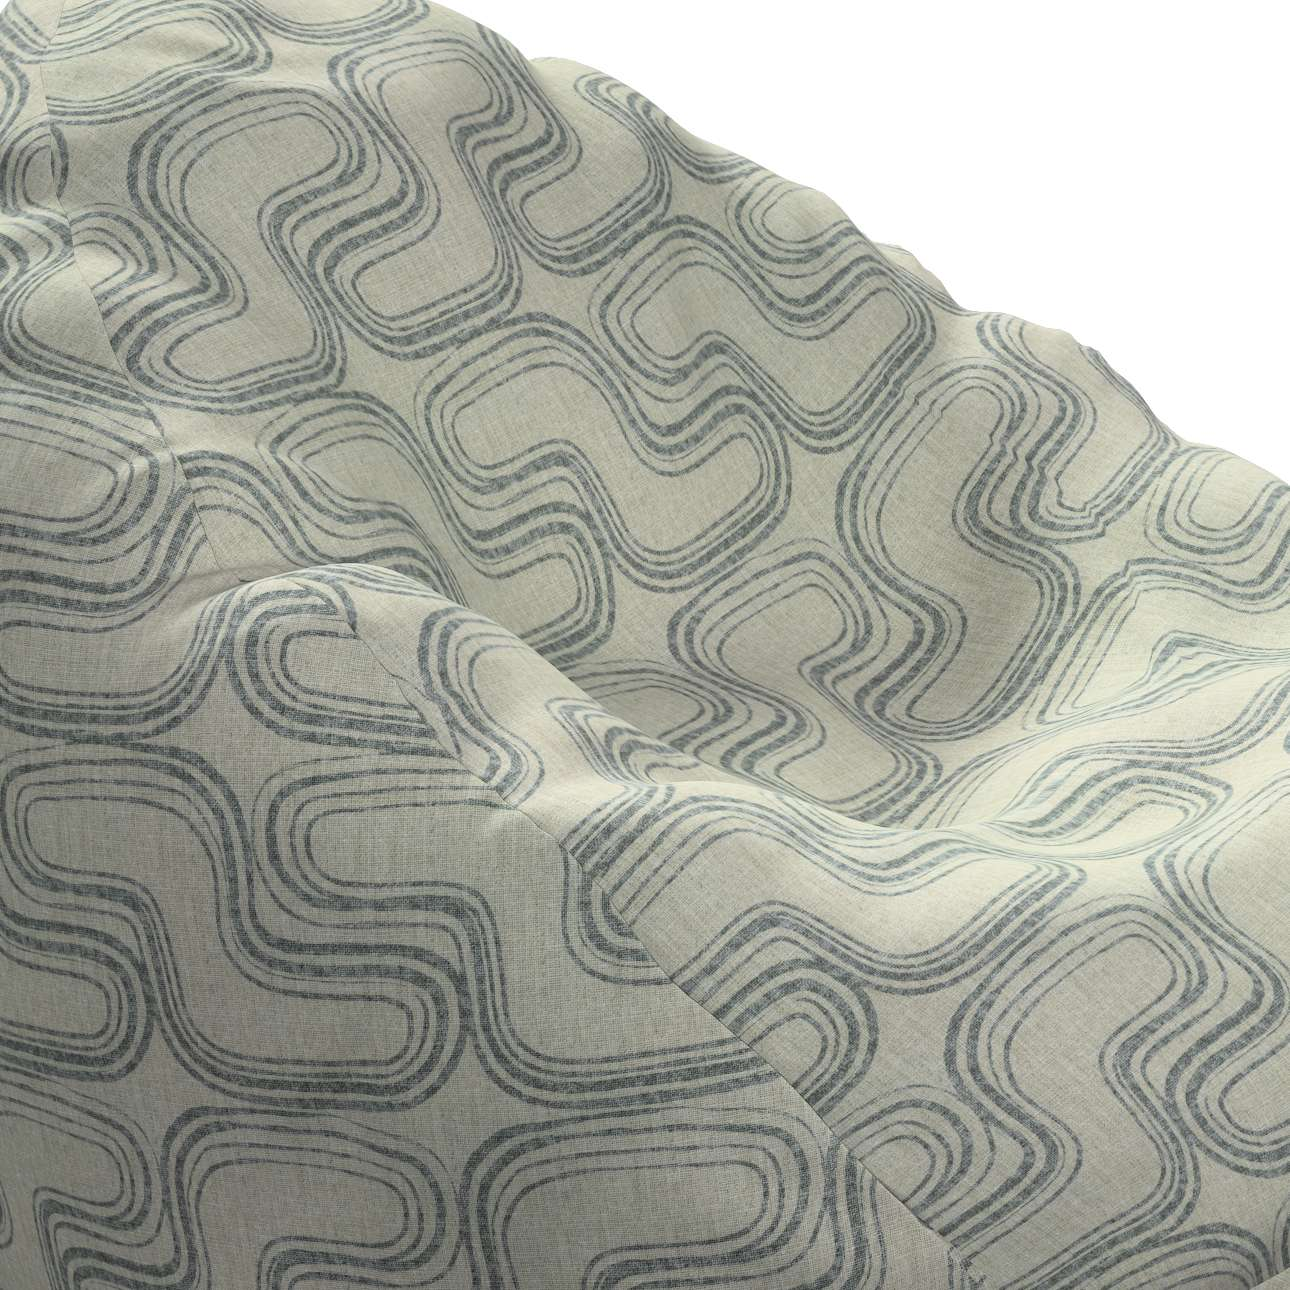 Pokrowiec na worek do siedzenia w kolekcji Comics, tkanina: 143-14